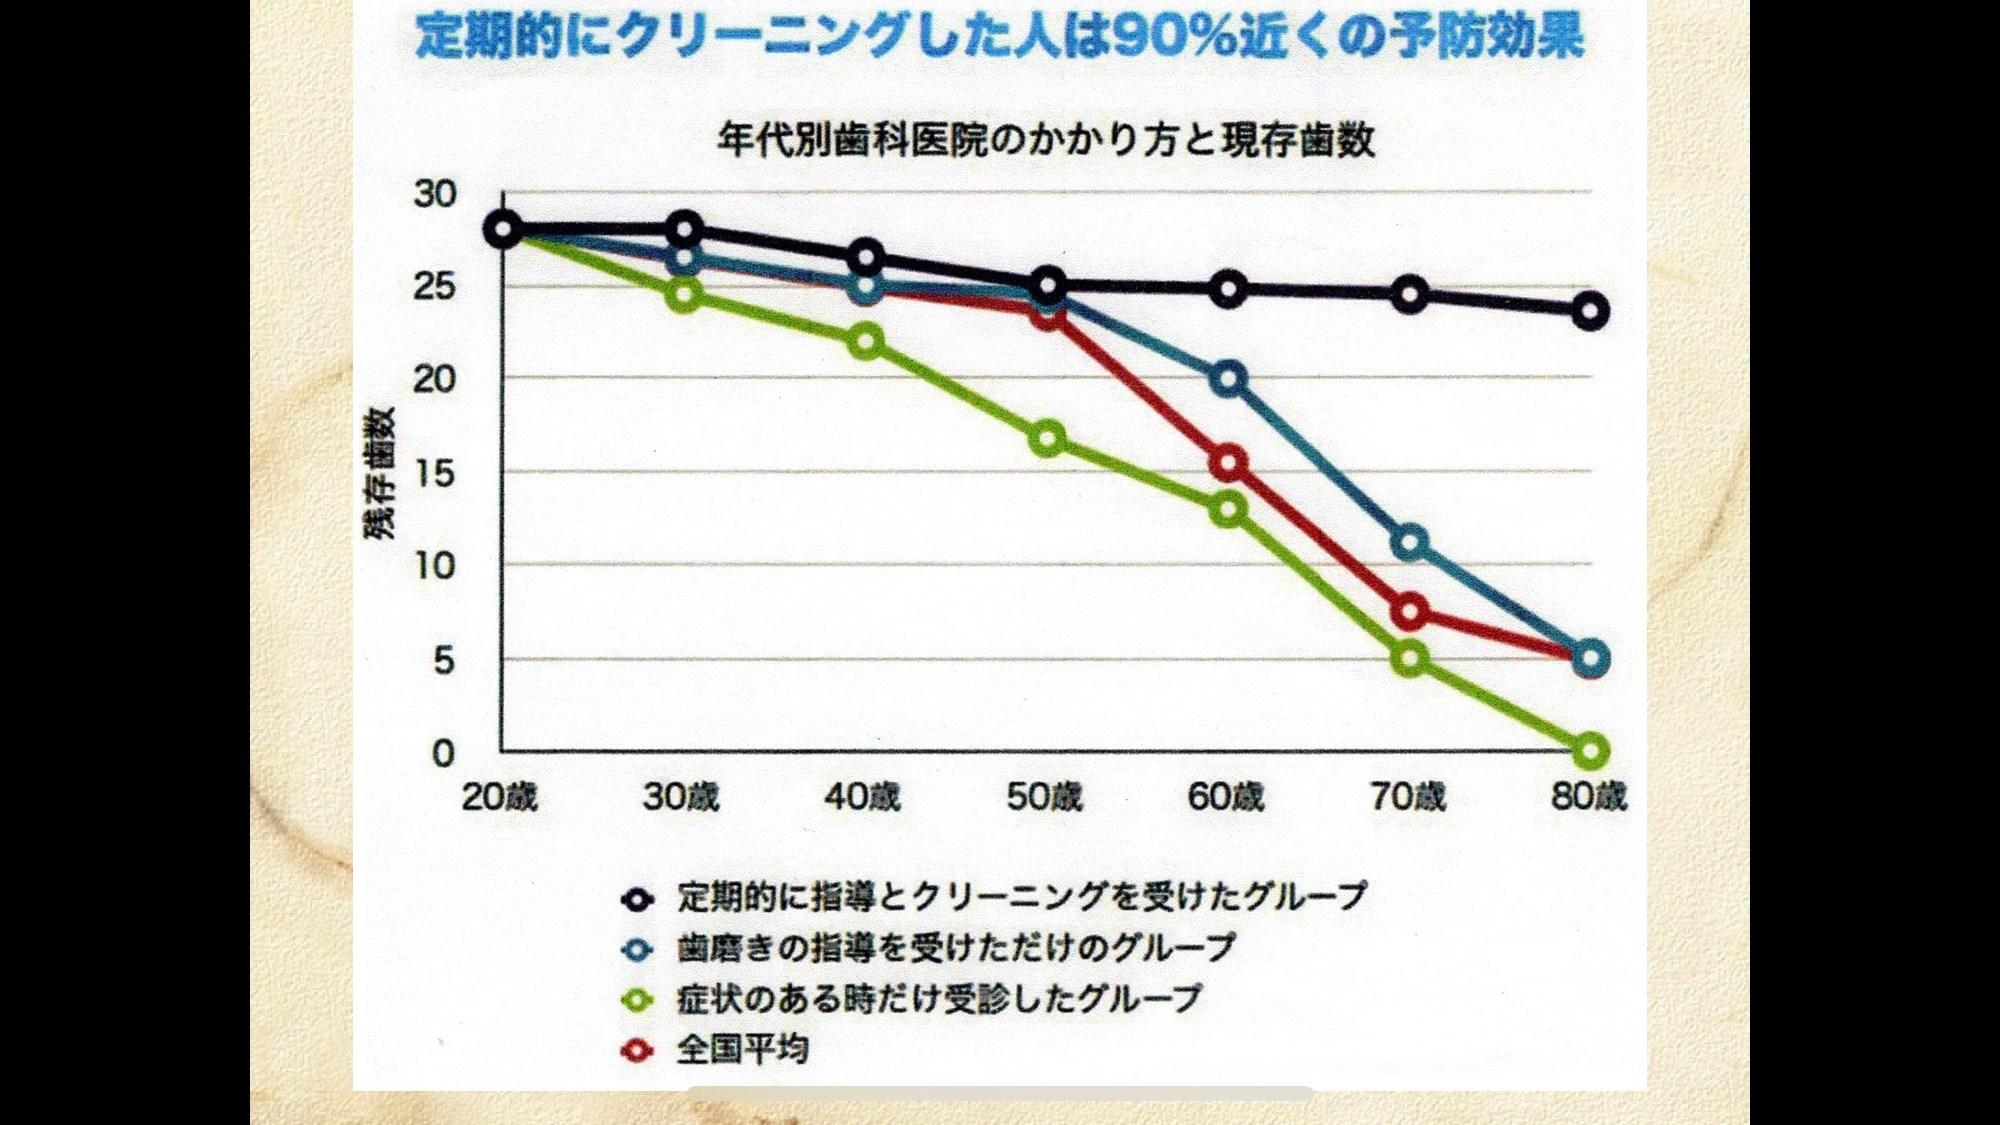 日本人20~80歳残存歯数